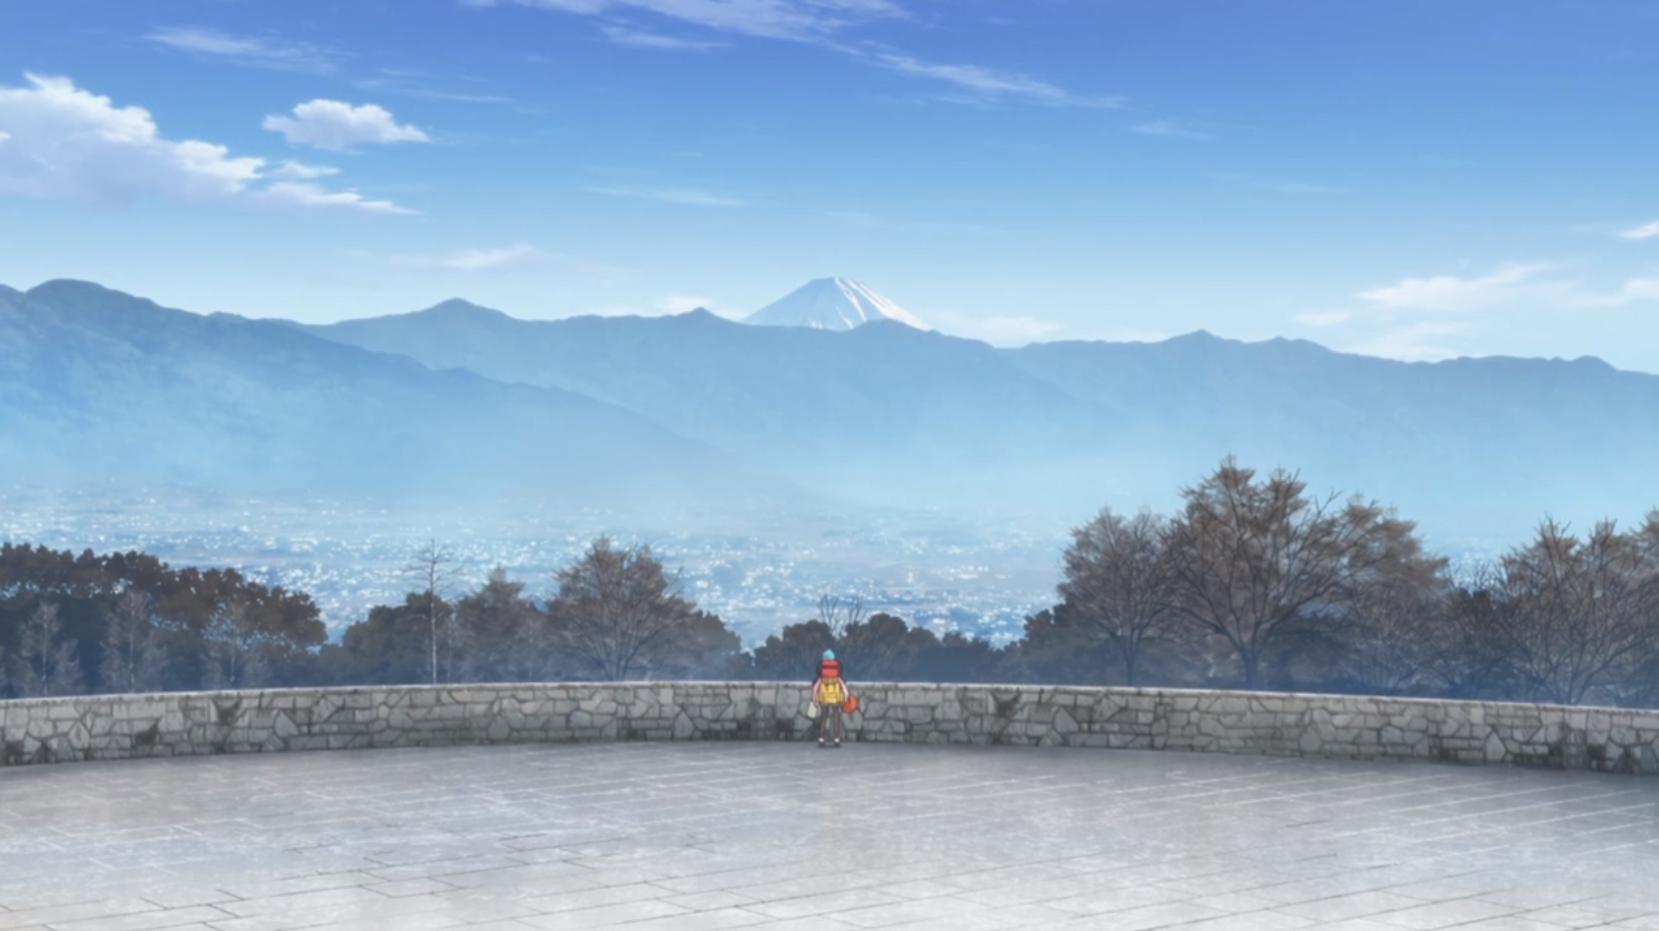 アニメ『ゆるキャン△』4話の「笛吹公園」こと「笛吹川フルーツ公園」